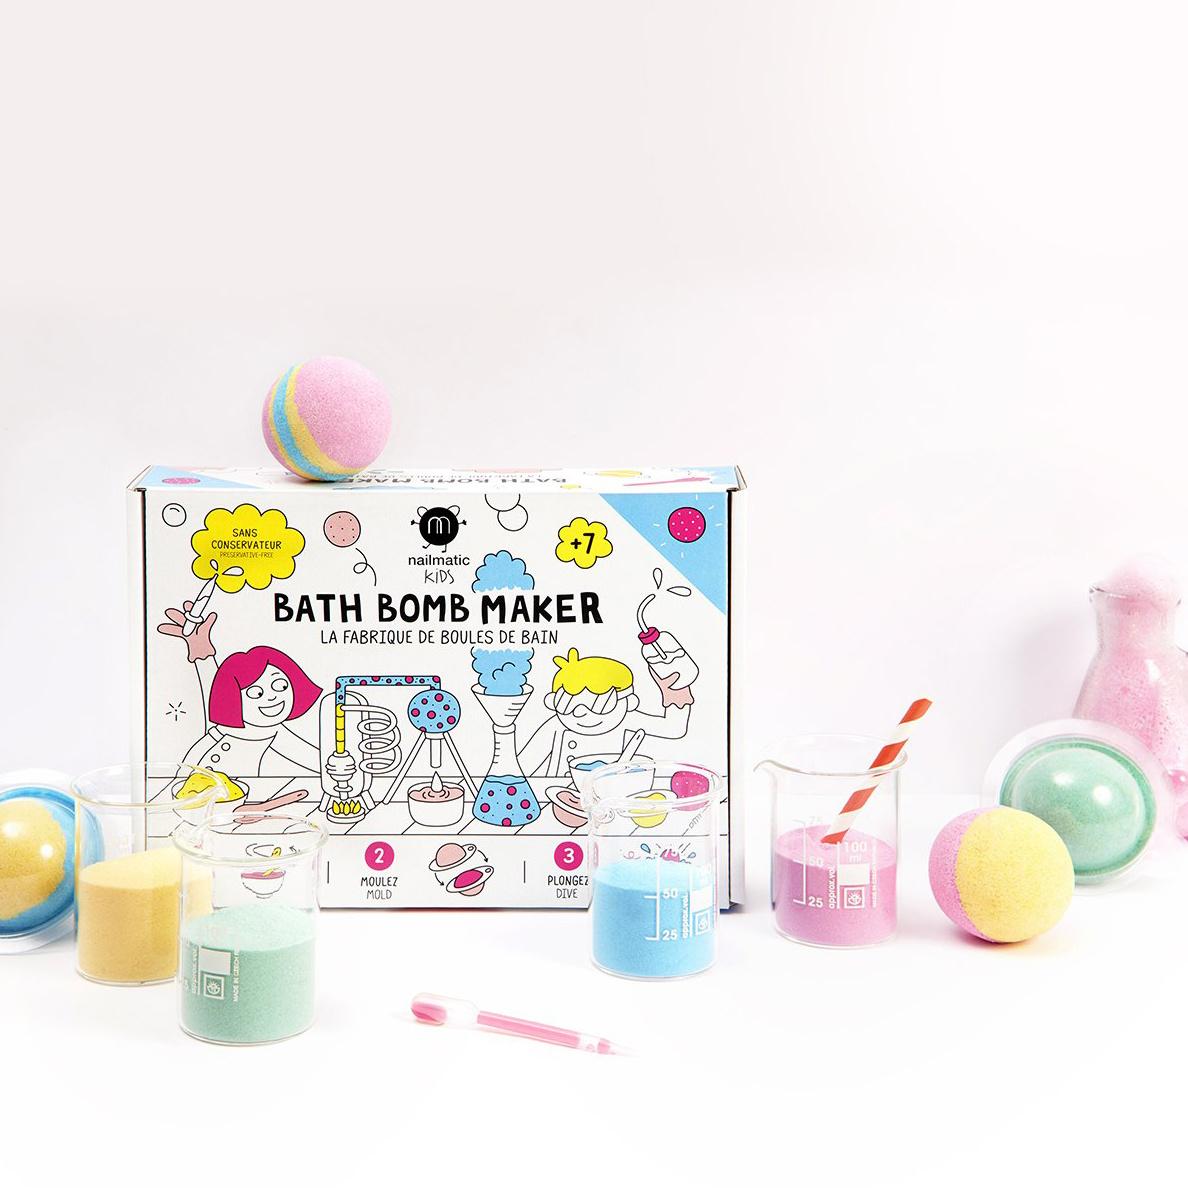 Nailmatic - NAI Nailmatic - Kids Bath Bomb DIY Maker Kit